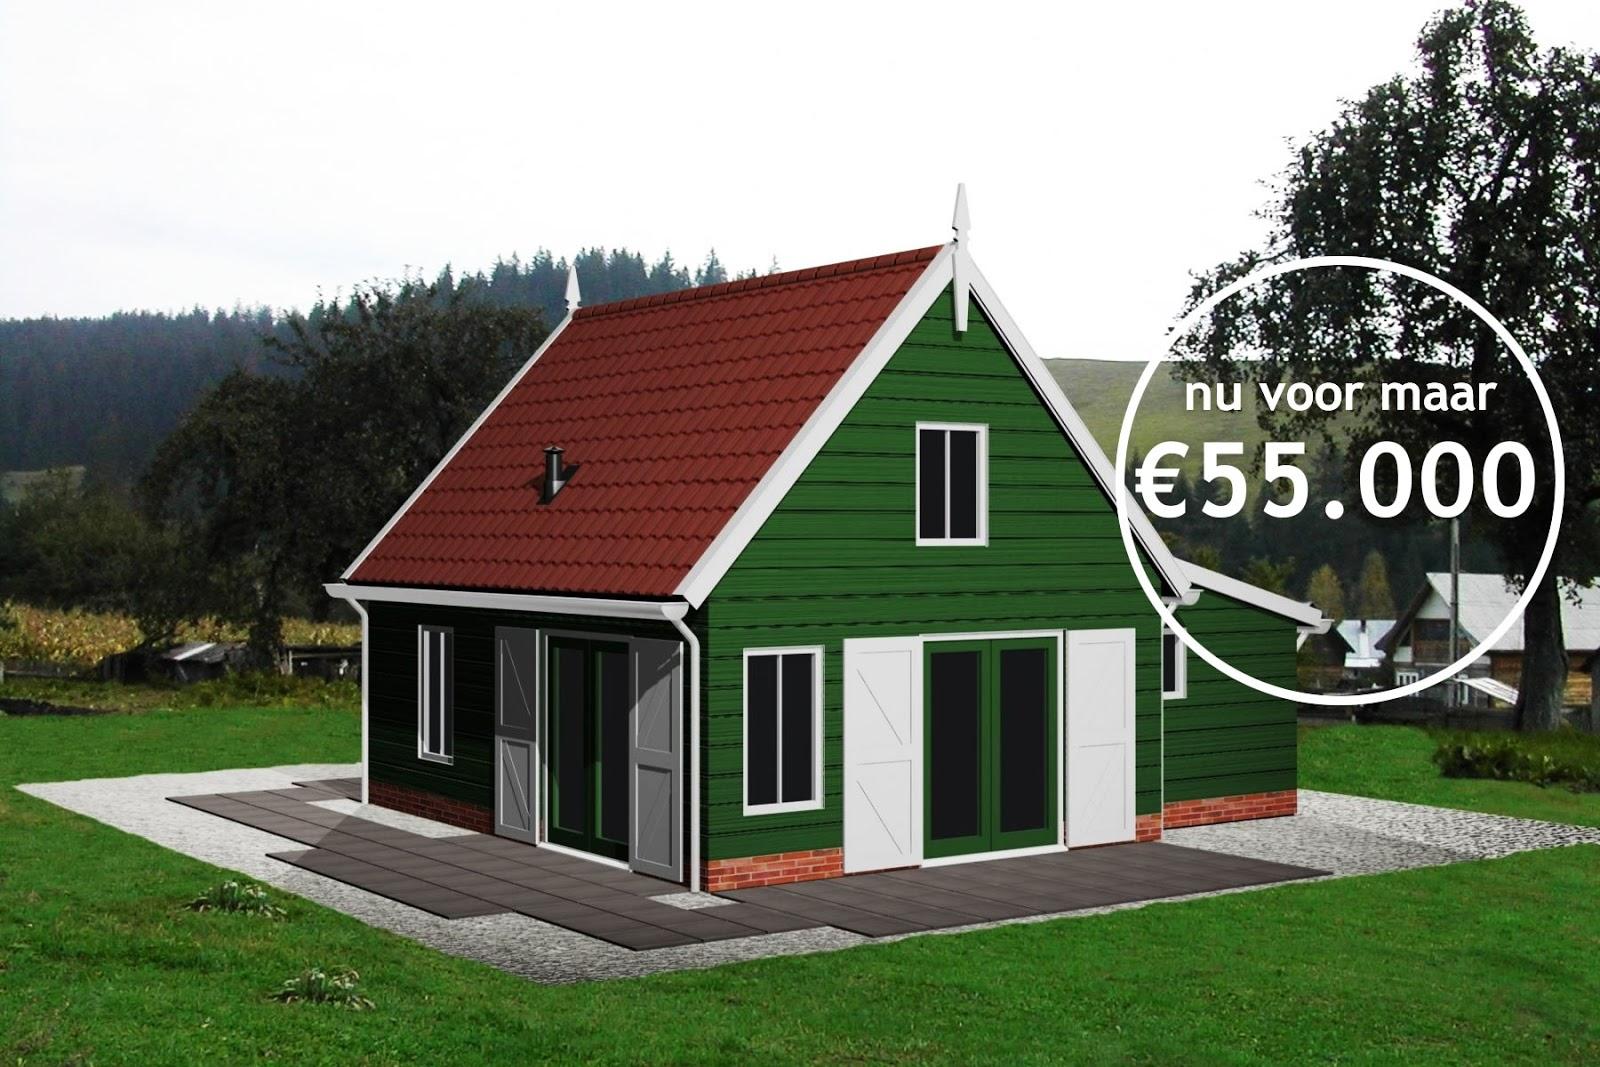 Huis Laten Bouwen : Skeletbouw u e bouw u e zelf houten huis bouwen